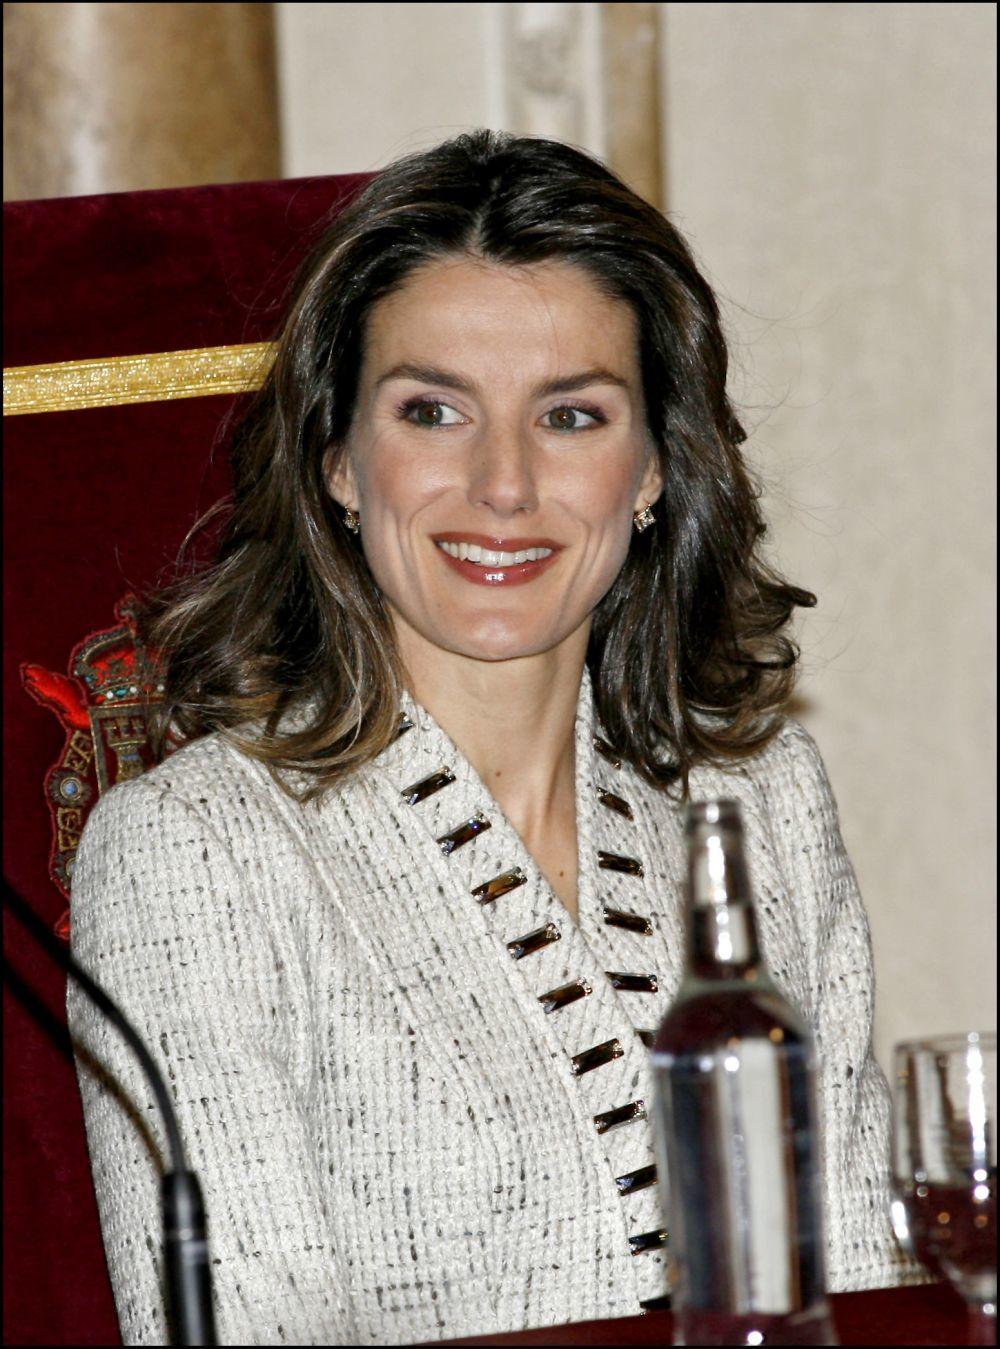 Otro de los cambios estéticos más notables es cómo la Reina Letizia...